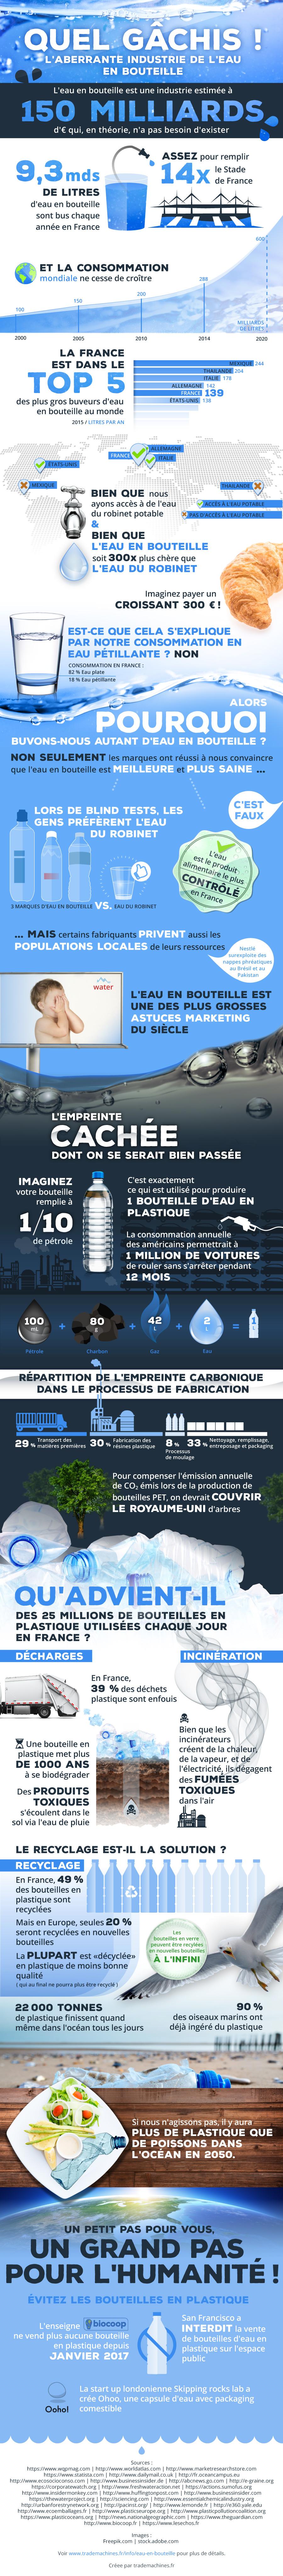 [Infographie]L'abus de consommation d'eau (en bouteille plastique) nuit à la santé de la Planète ... Infographie_eau-1